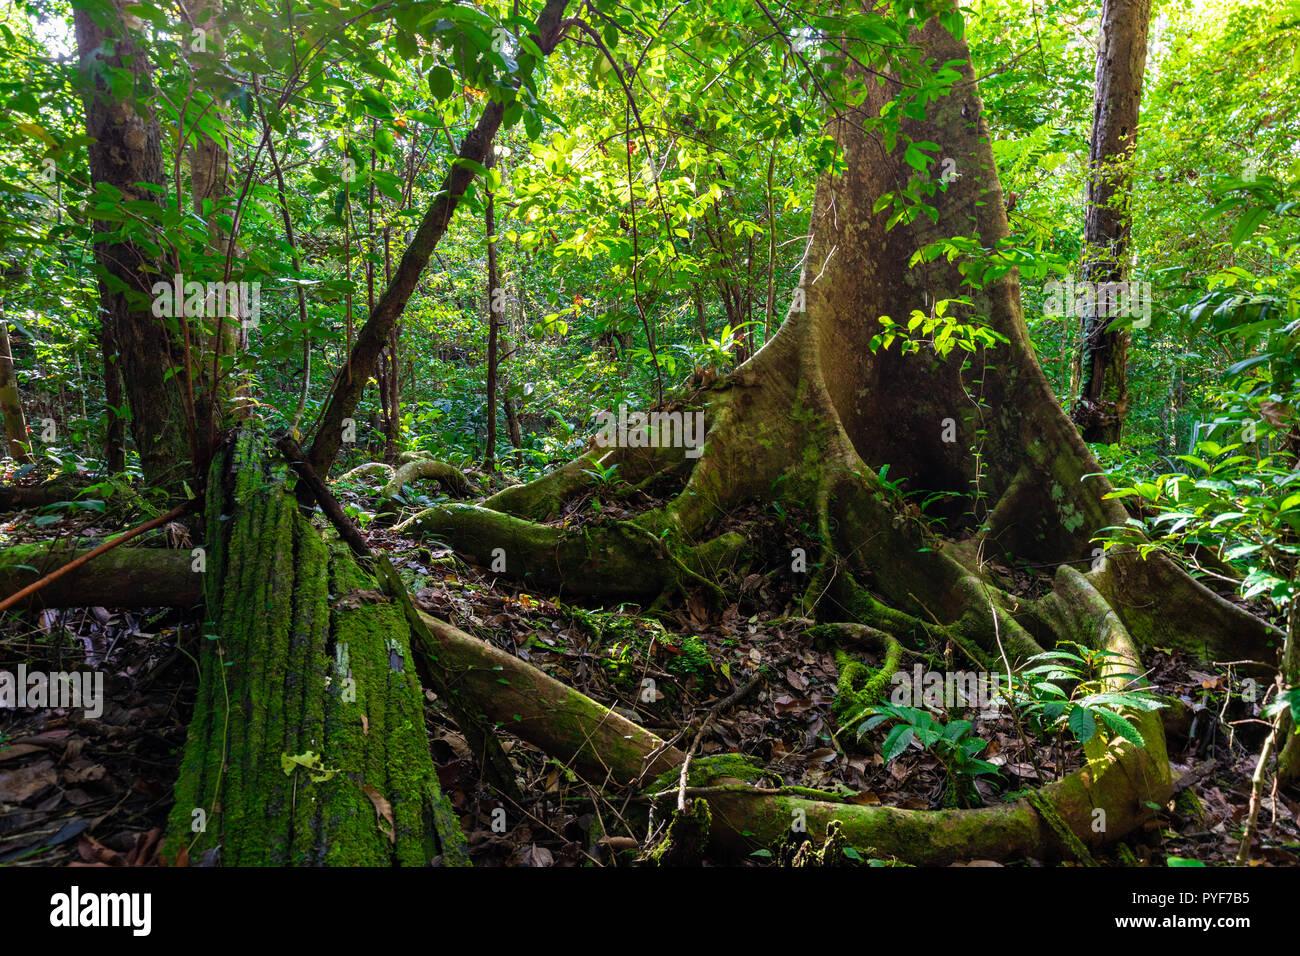 lush undergrowth jungle vegetation in a virgin rainforest of the aru  islands, papua, indonesia